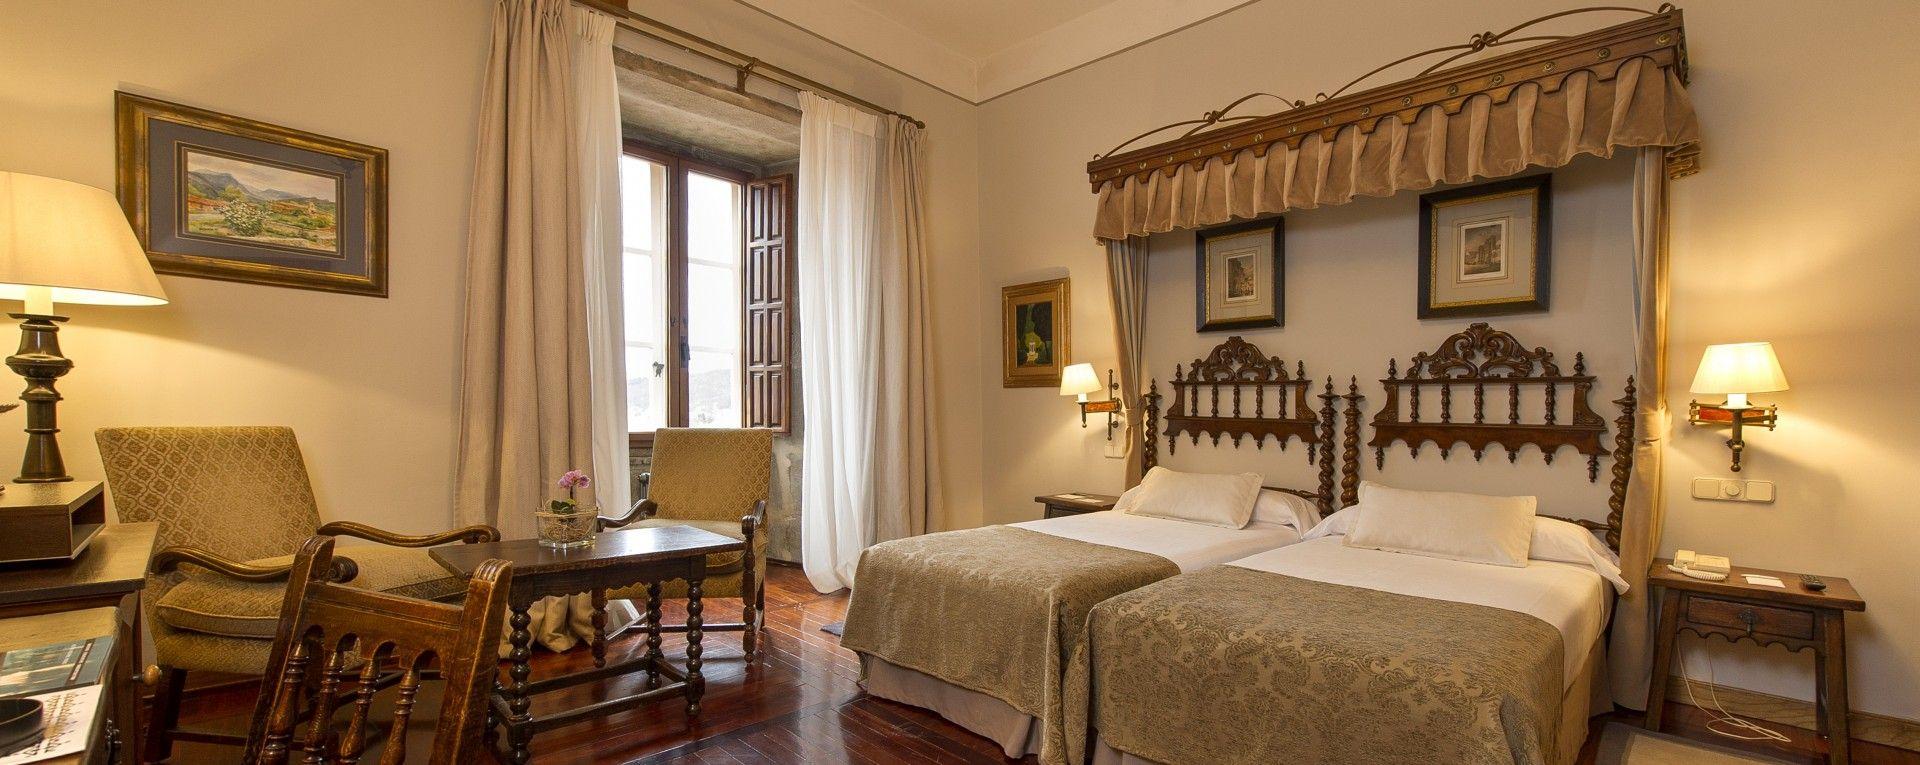 Parador hostal dos reis catolicos hotel santiago de for Hostal luxury